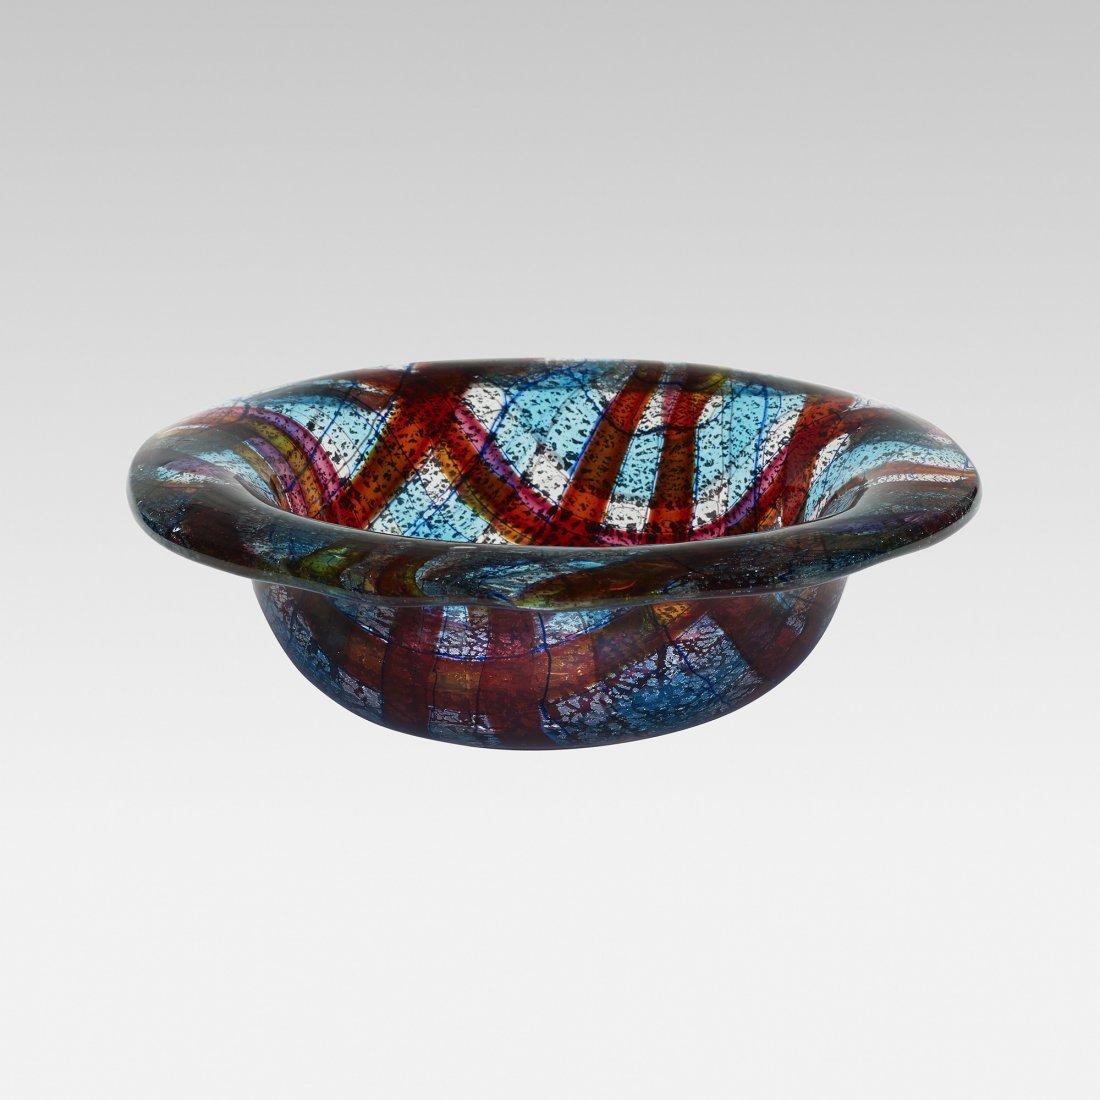 Ercole Barovier Oriente bowl